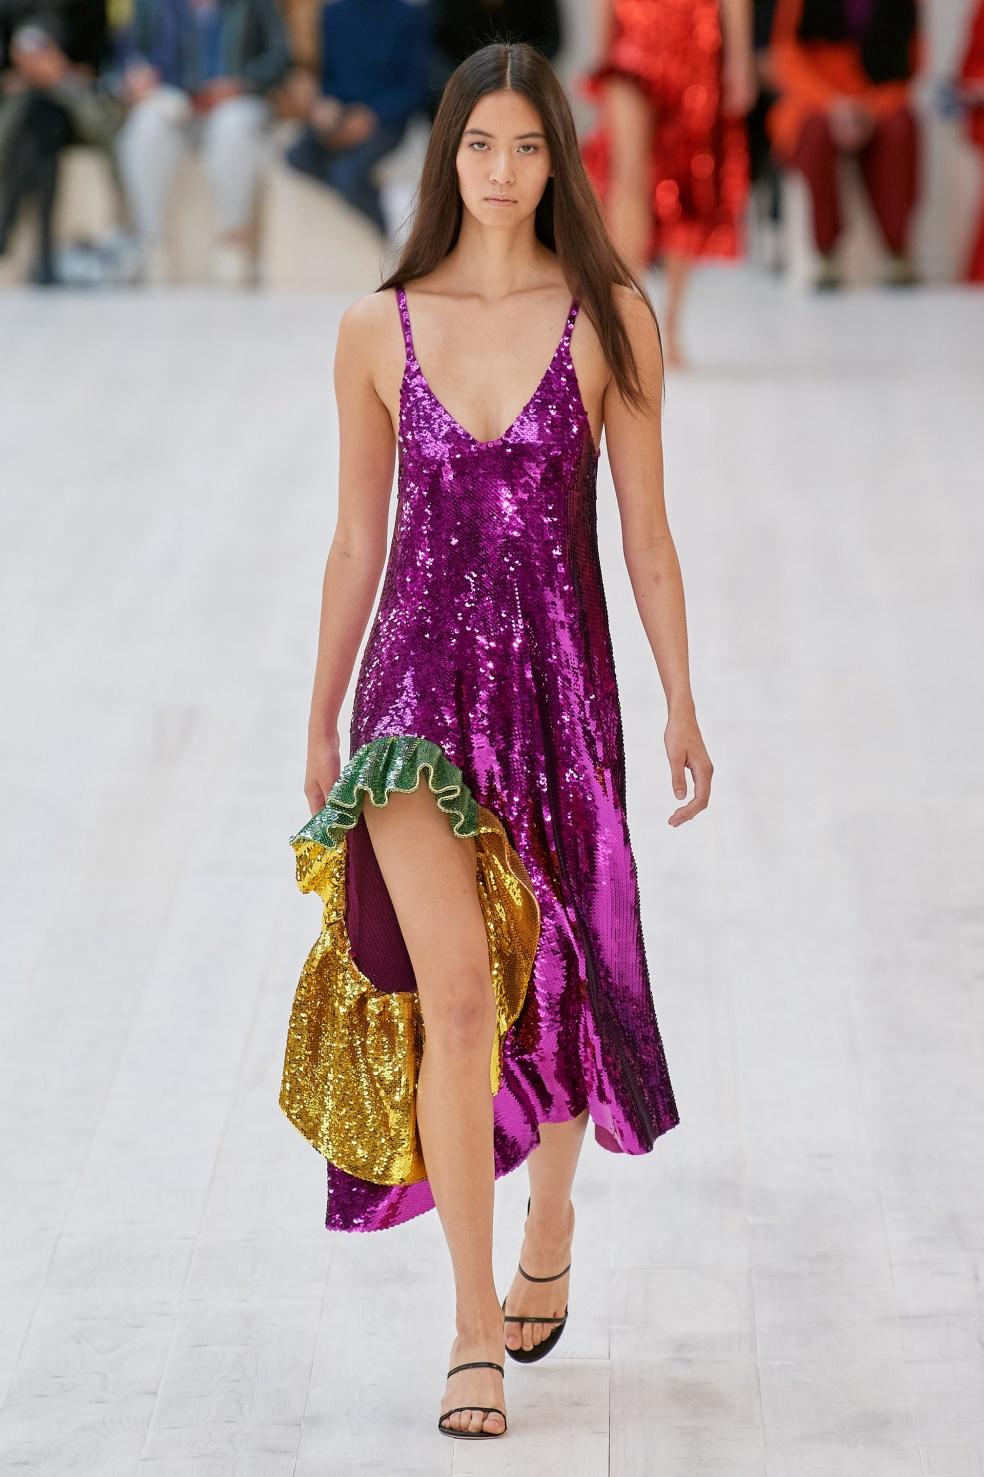 Paris 1. loewe purp sequins vog.jpg